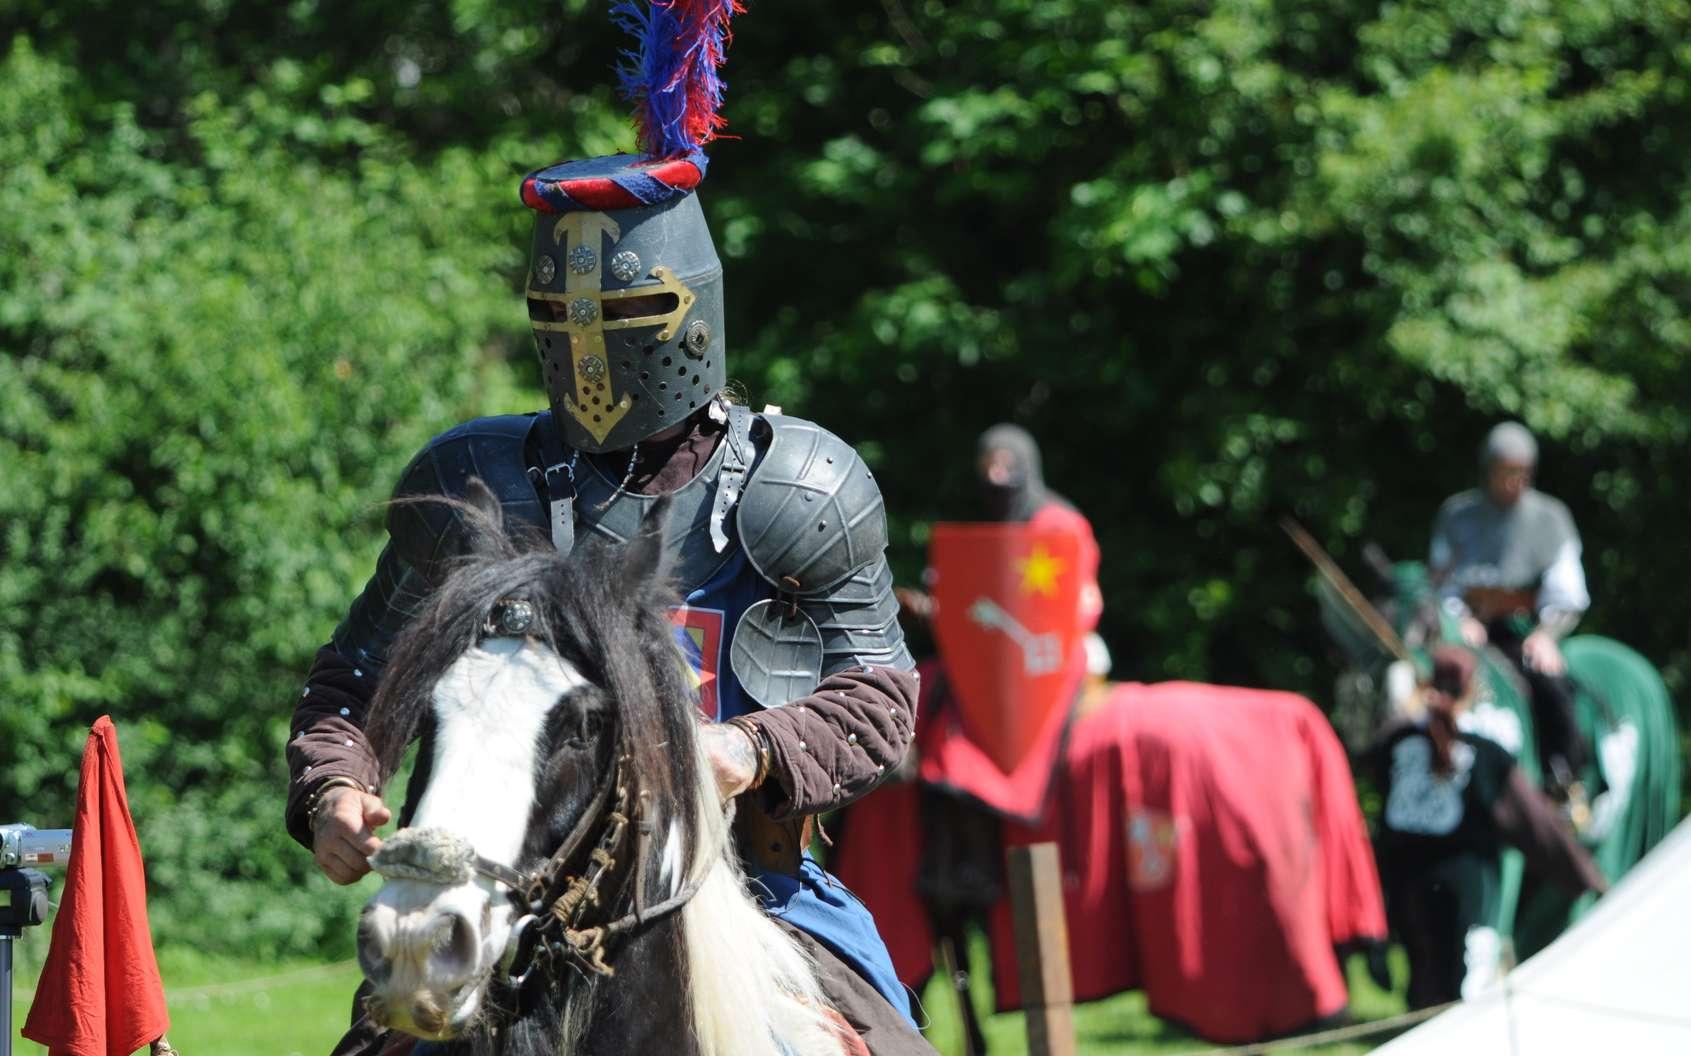 Au Moyen Âge, les tournois à cheval, très spectaculaires, étaient très prisés. © falpat86, fotolia